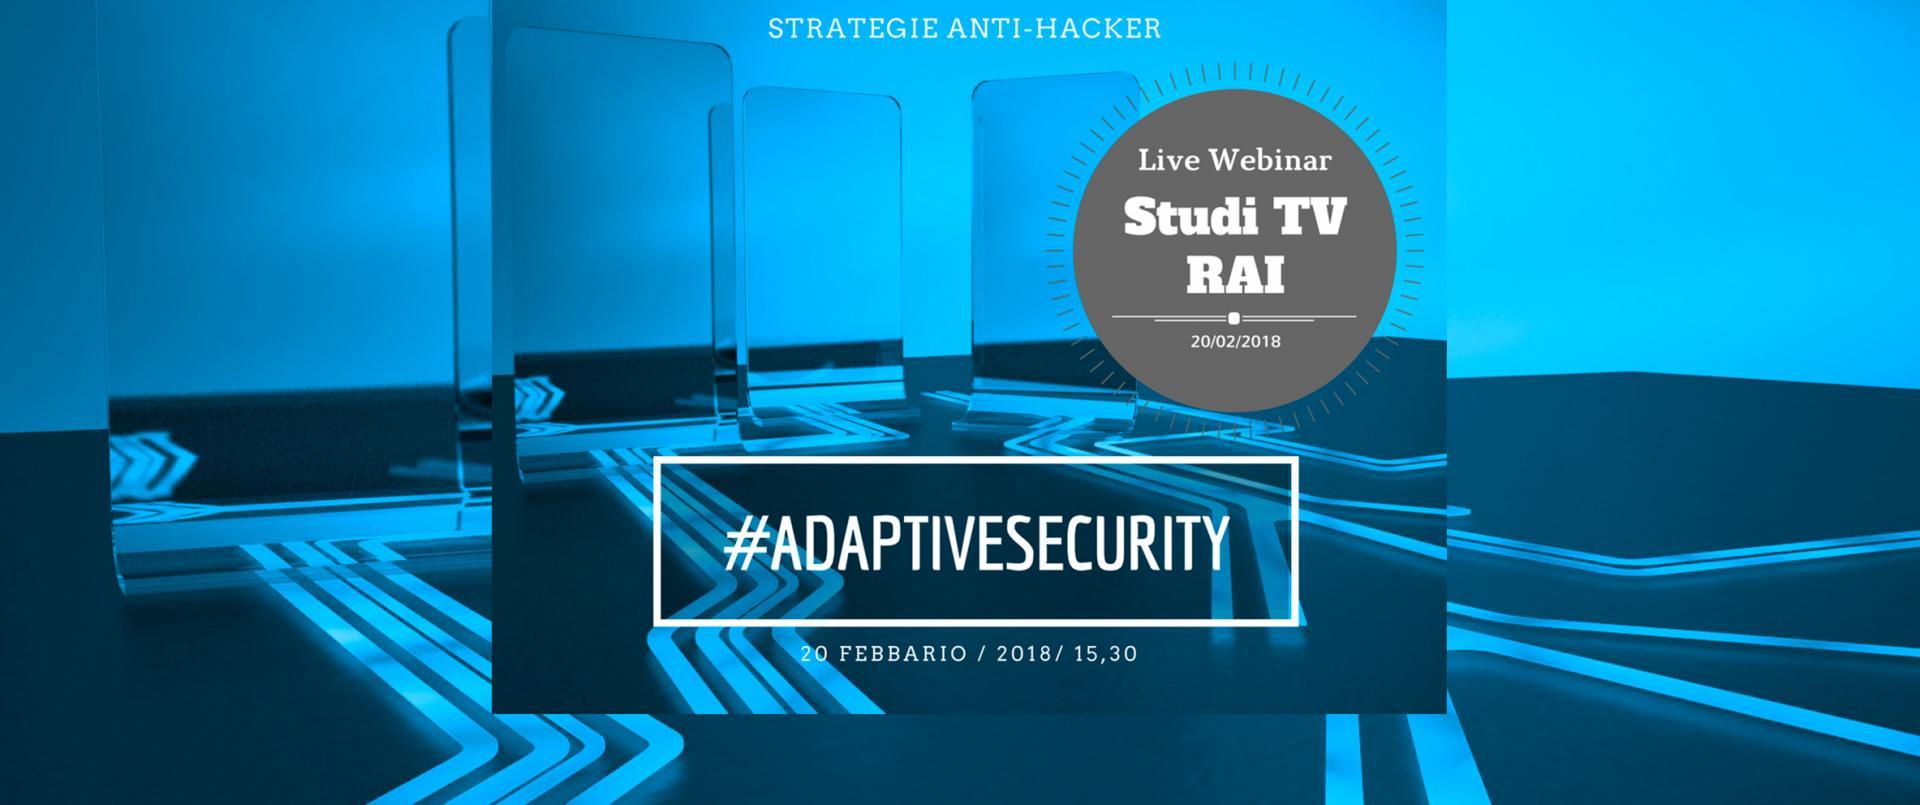 #AdaptiveSecurity: iscriviti al Webinar 2.0 sulla sicurezza intelligente